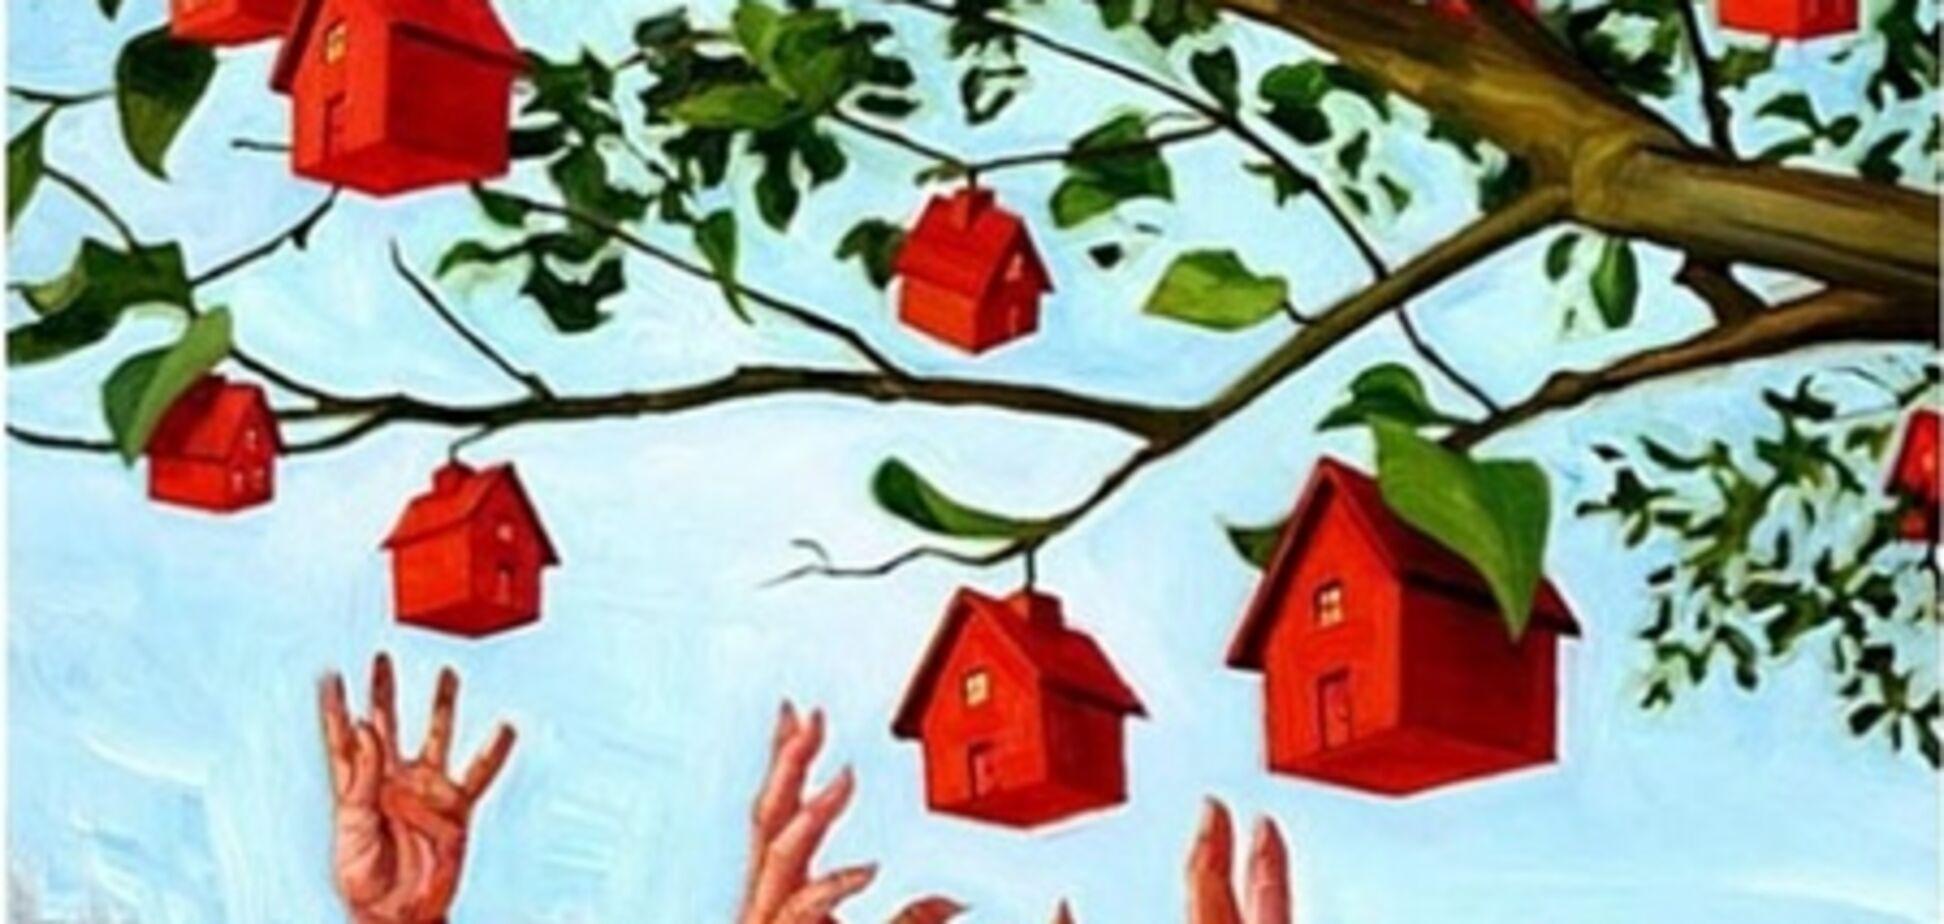 Ситуация на рынке недвижимости Украины ухудшается - эксперты